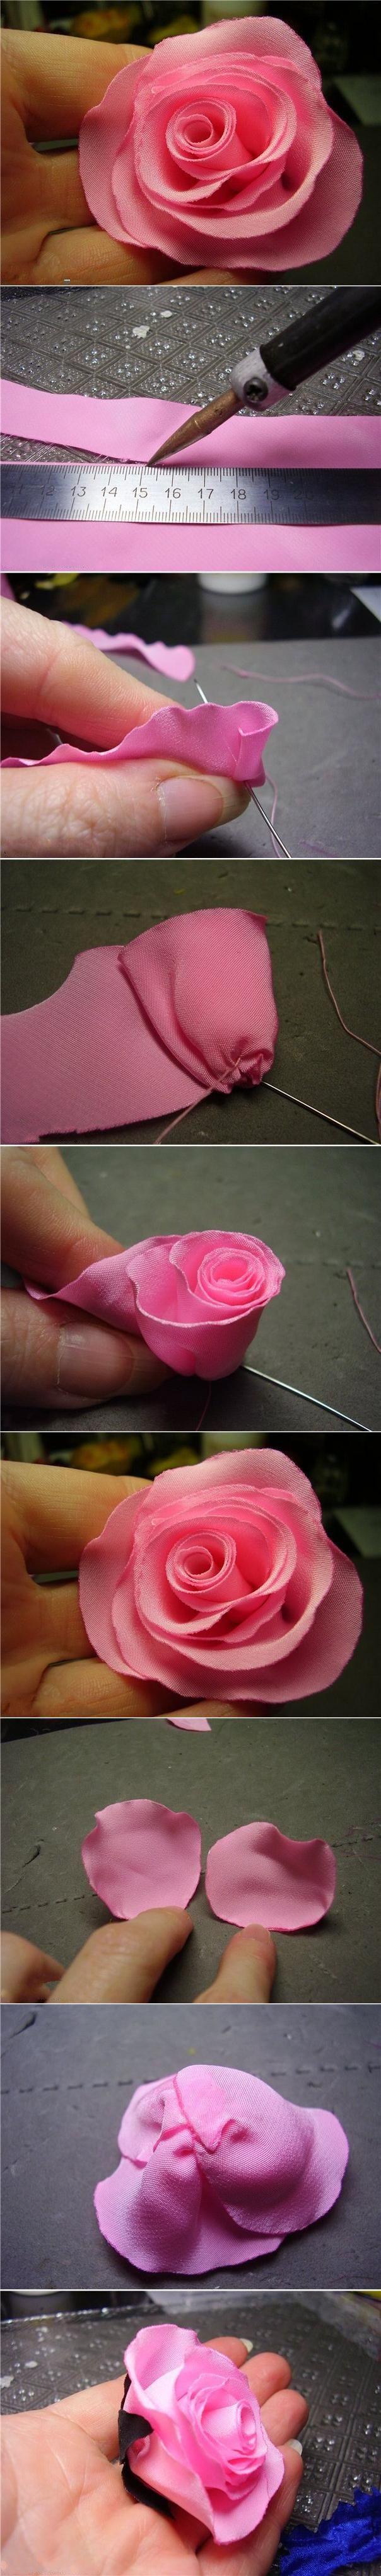 DIY-Pretty-Fabric-Rose